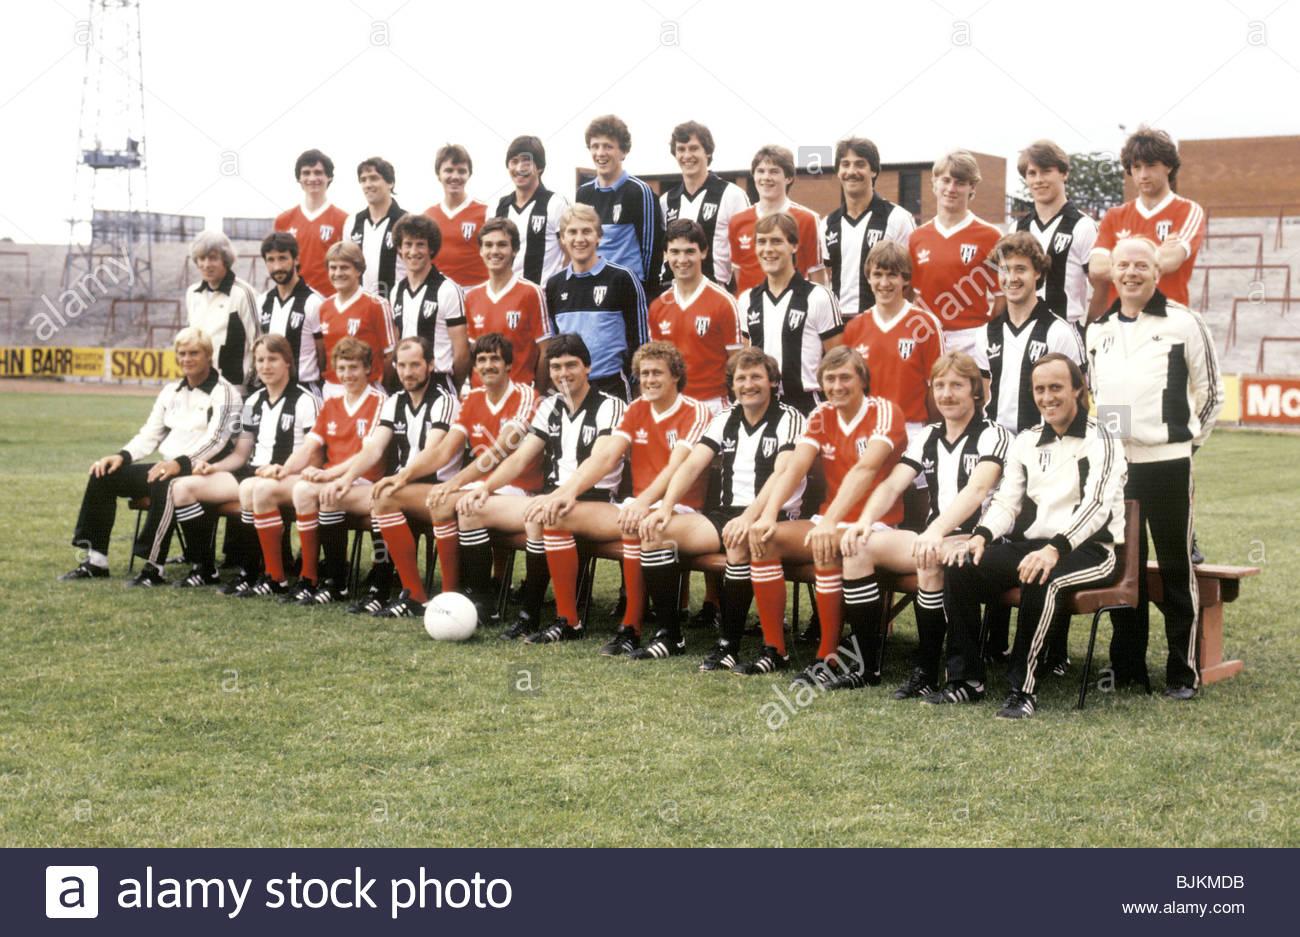 SEASON 1981/1982 ST MIRREN St Mirren team picture - Stock Image